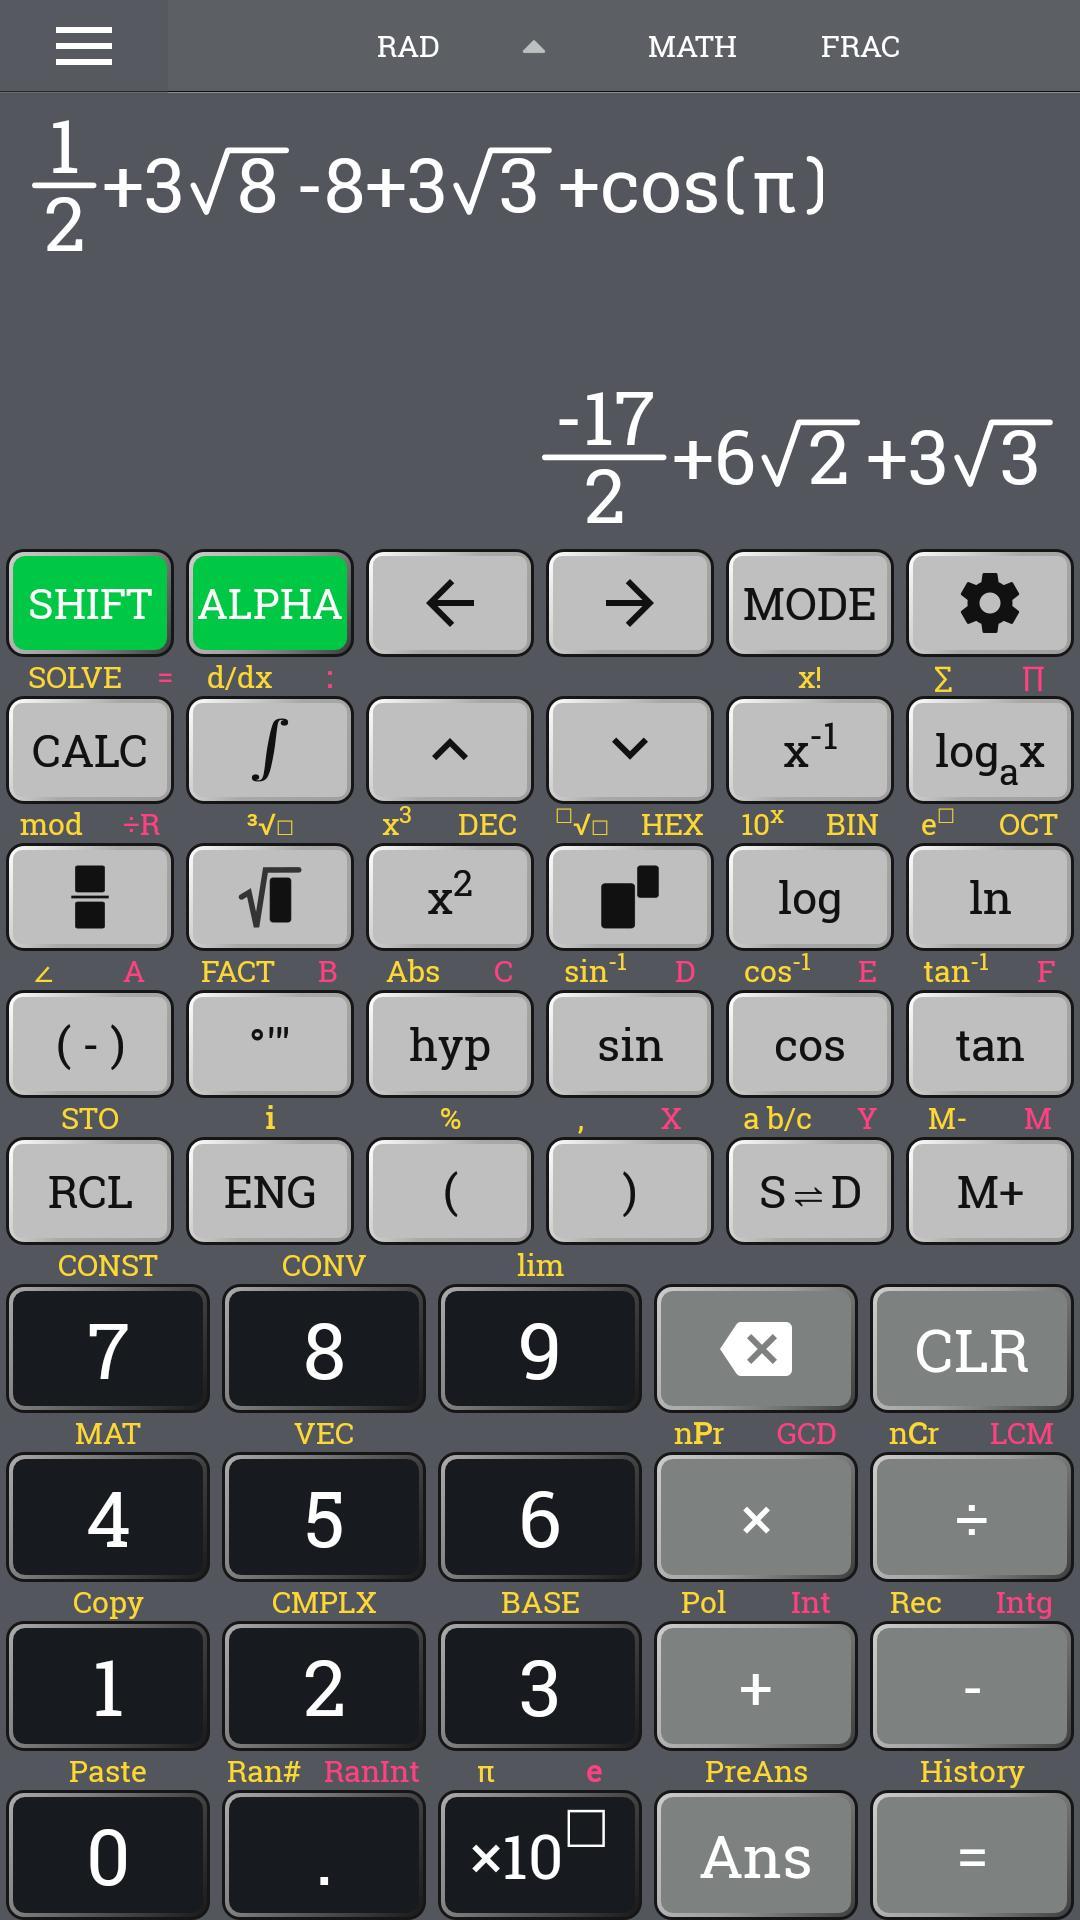 School Scientific calculator casio fx 570 es plus for Android - APK